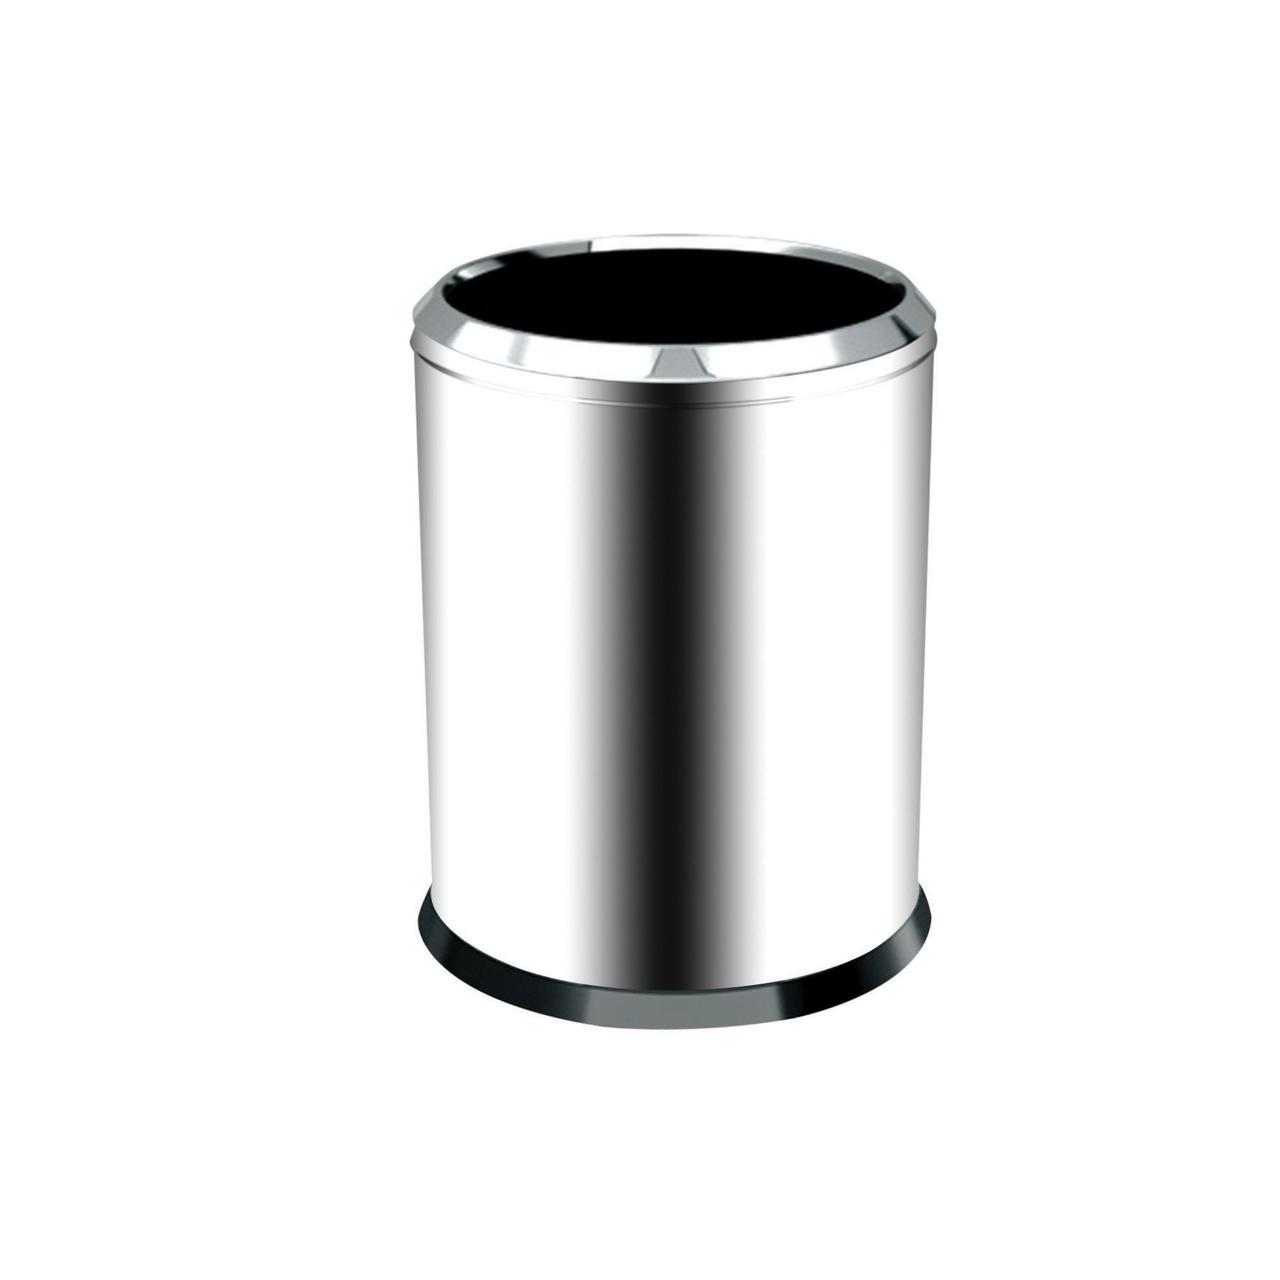 Хромированная мусорная корзина 12 л.